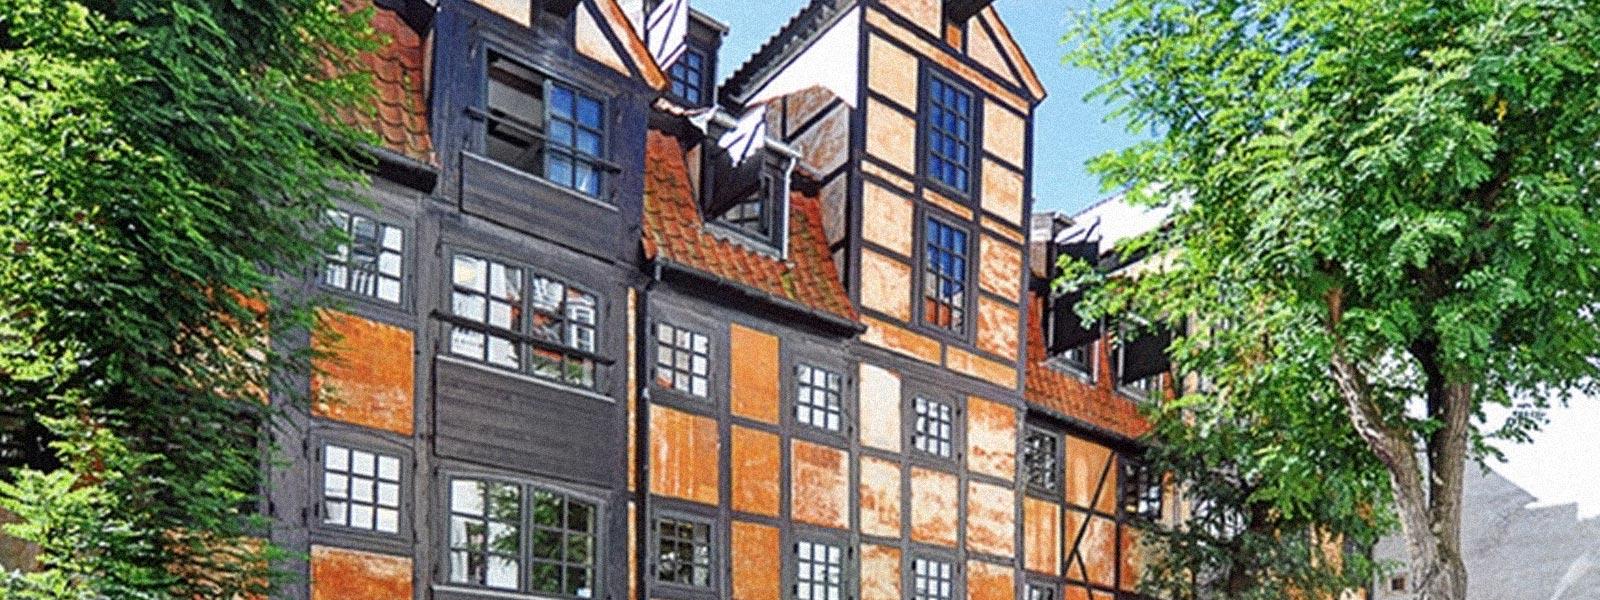 Udlejning af kontorpladser i Nyhavn